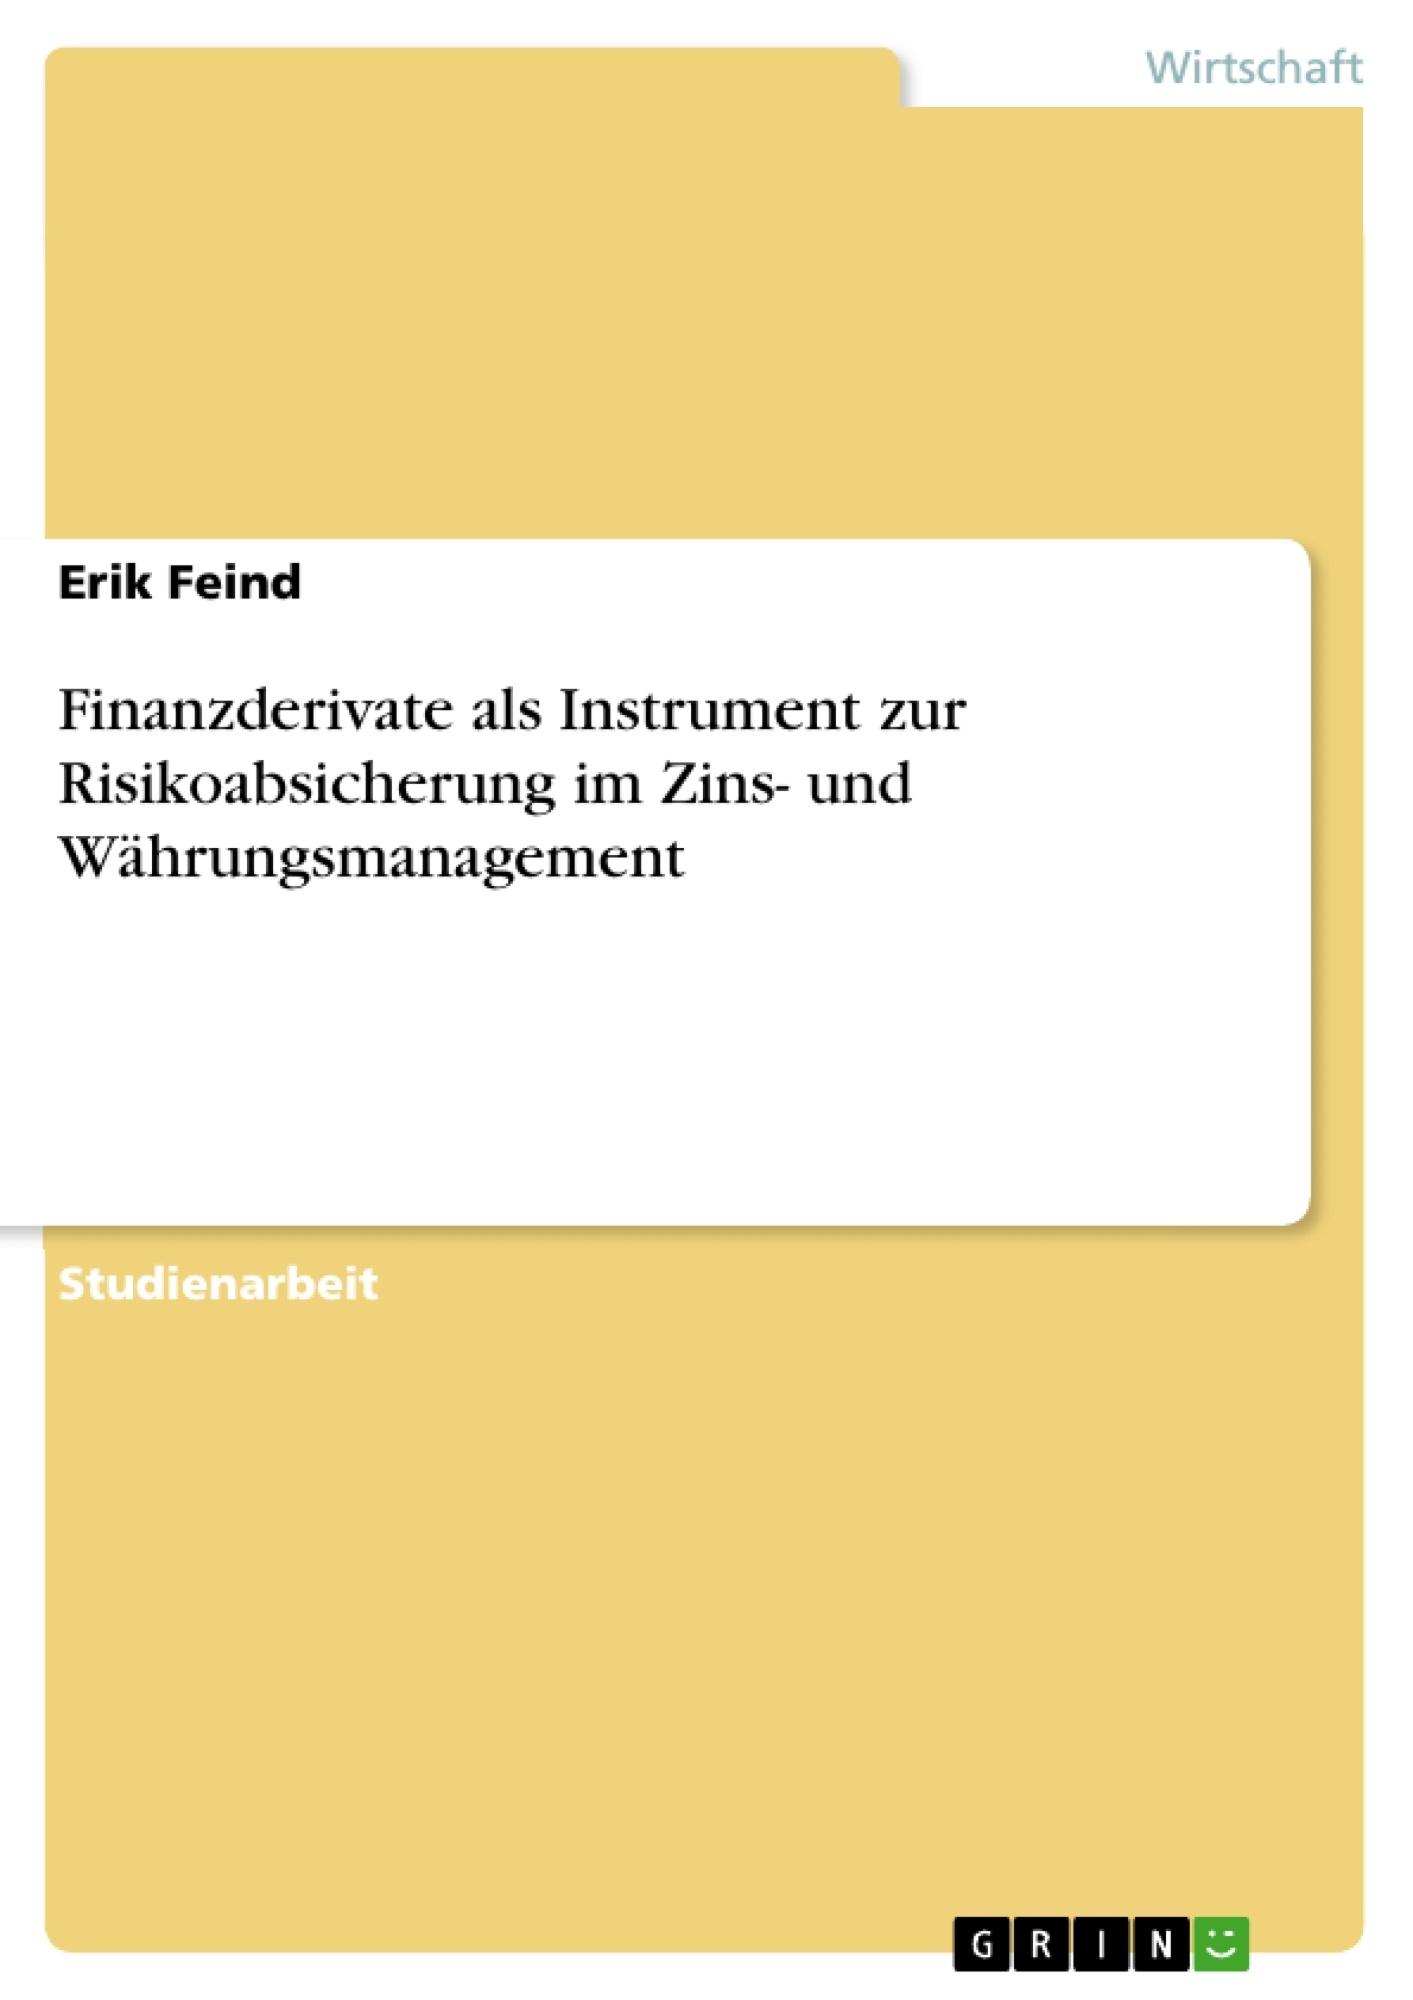 Titel: Finanzderivate als Instrument zur Risikoabsicherung im Zins- und Währungsmanagement